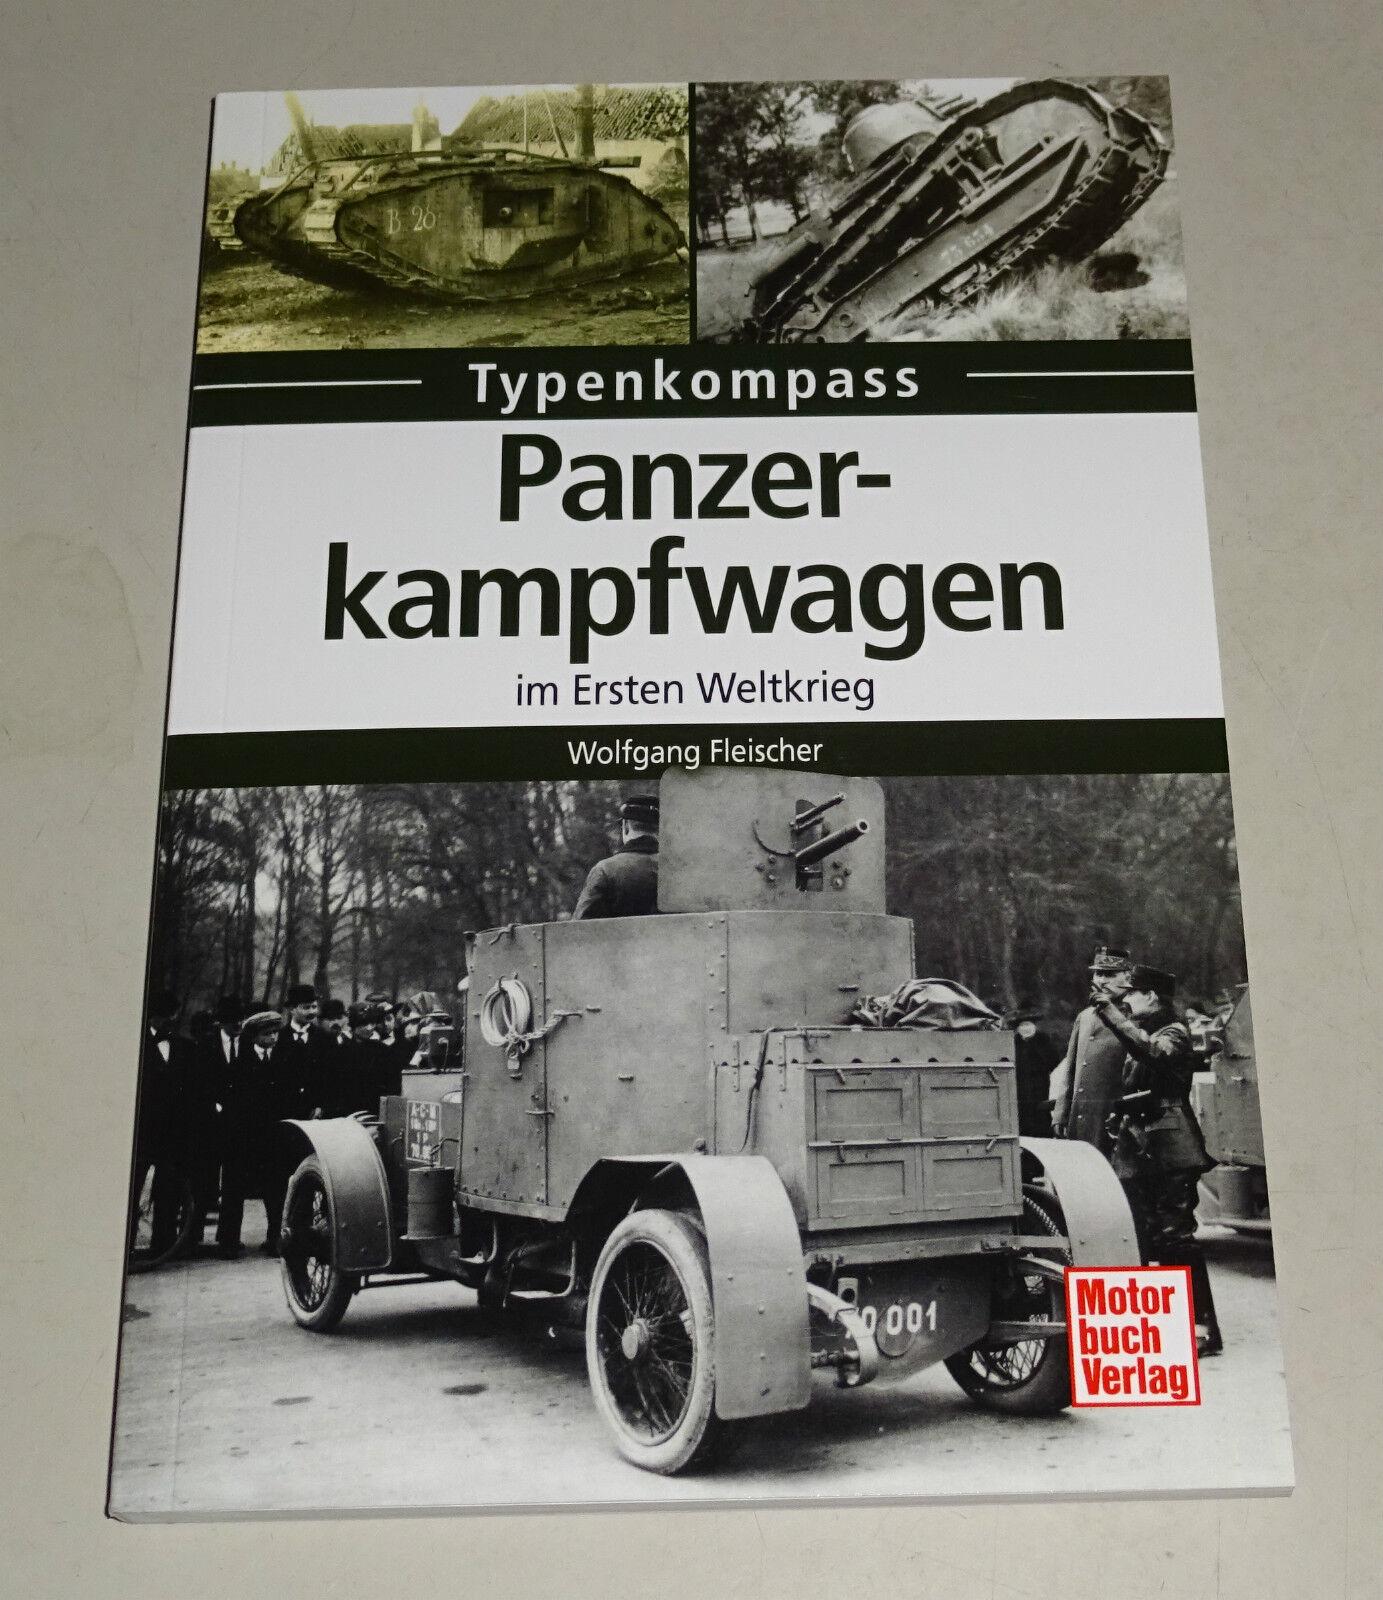 Panzerkampfwagen im Ersten Weltkrieg – Rad- und Kettenfahrzeuge – Typenkompass